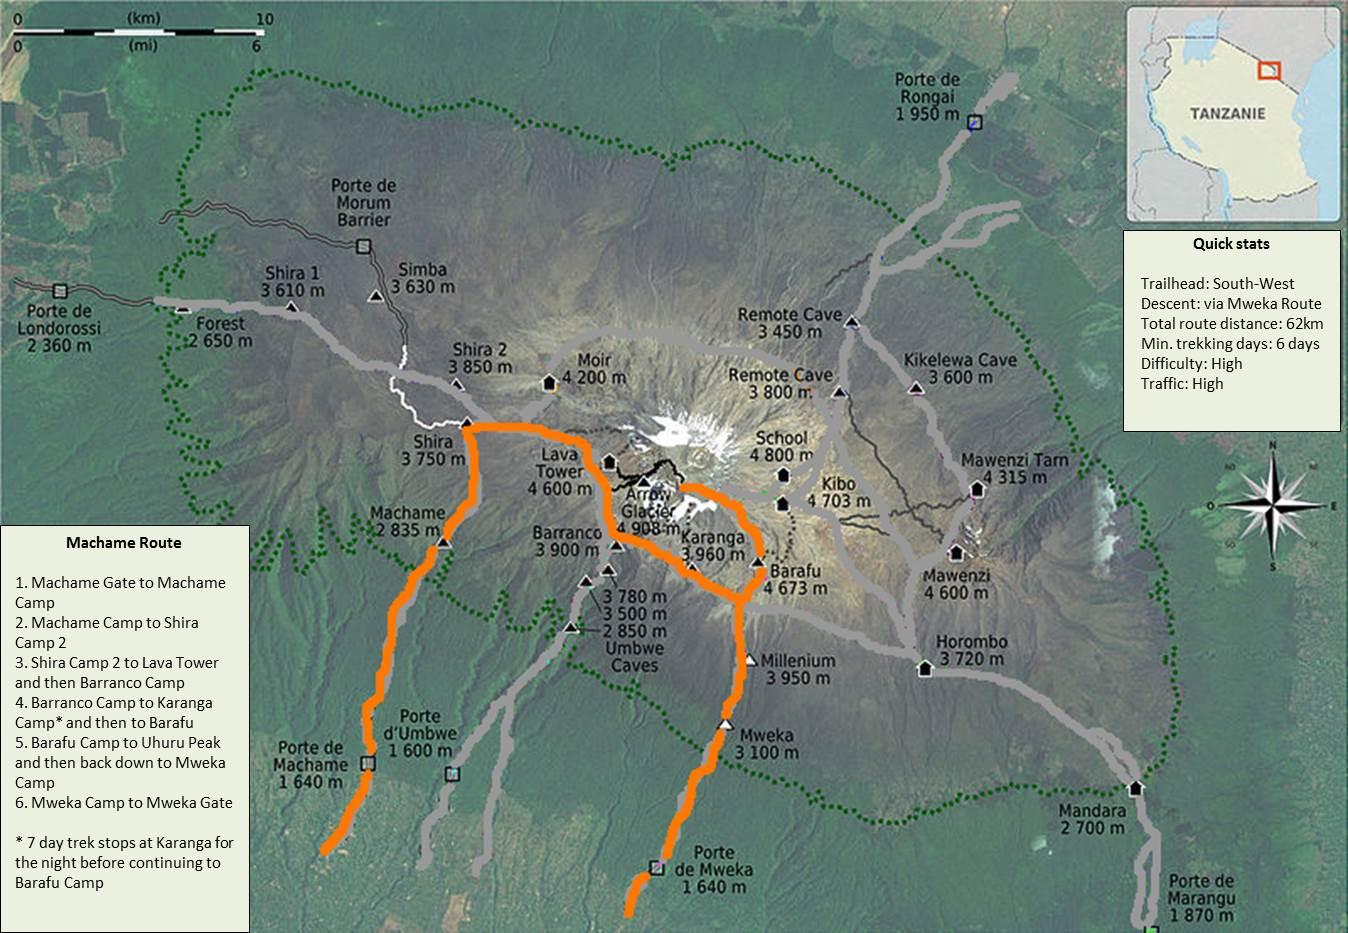 11.-Machame-Route-Map.jpg